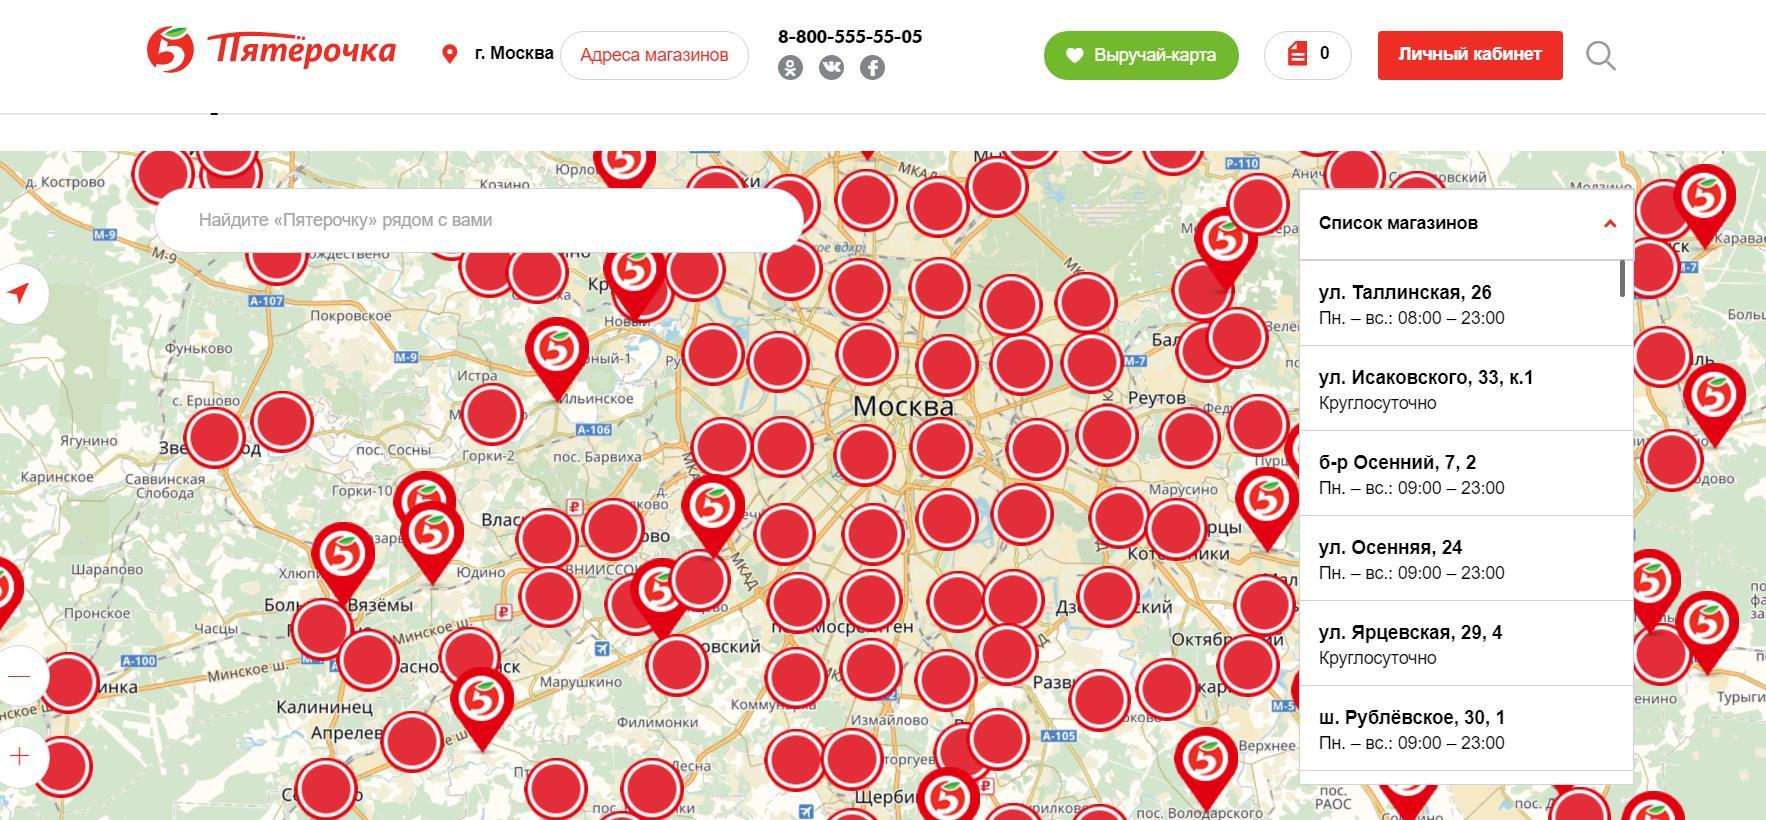 """Адреса магазинов """"Пятерочки"""" в Москве на карте"""